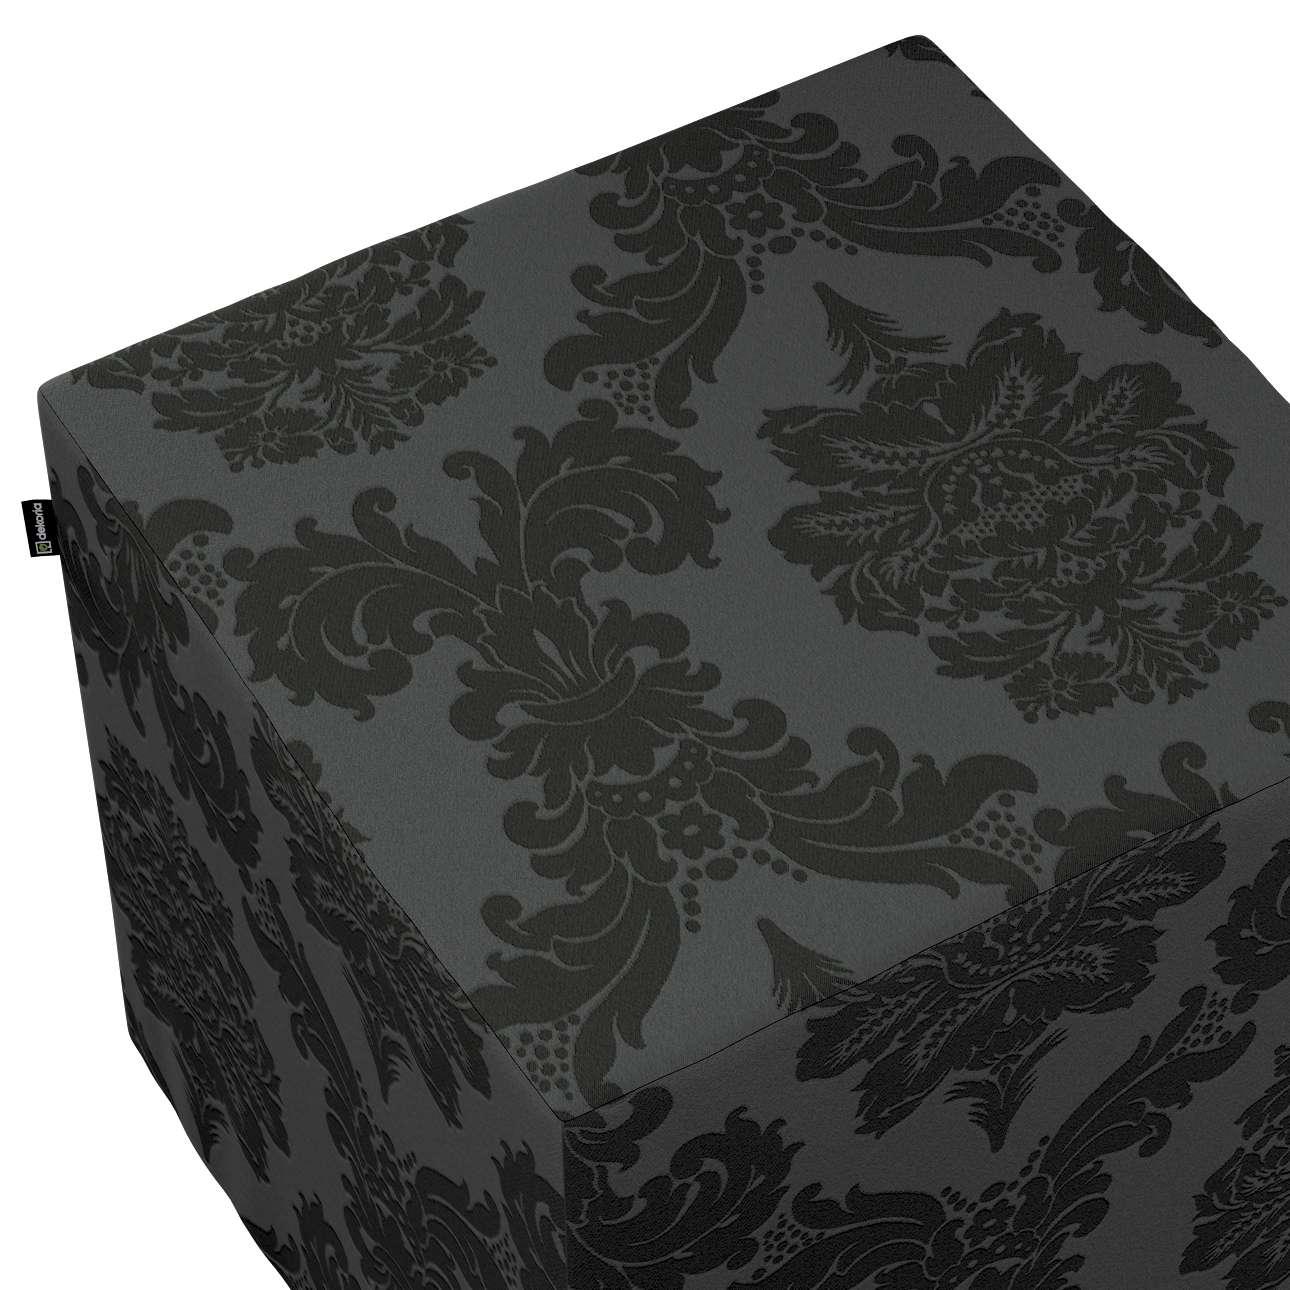 Taburetka tvrdá, kocka V kolekcii Damasco, tkanina: 613-32